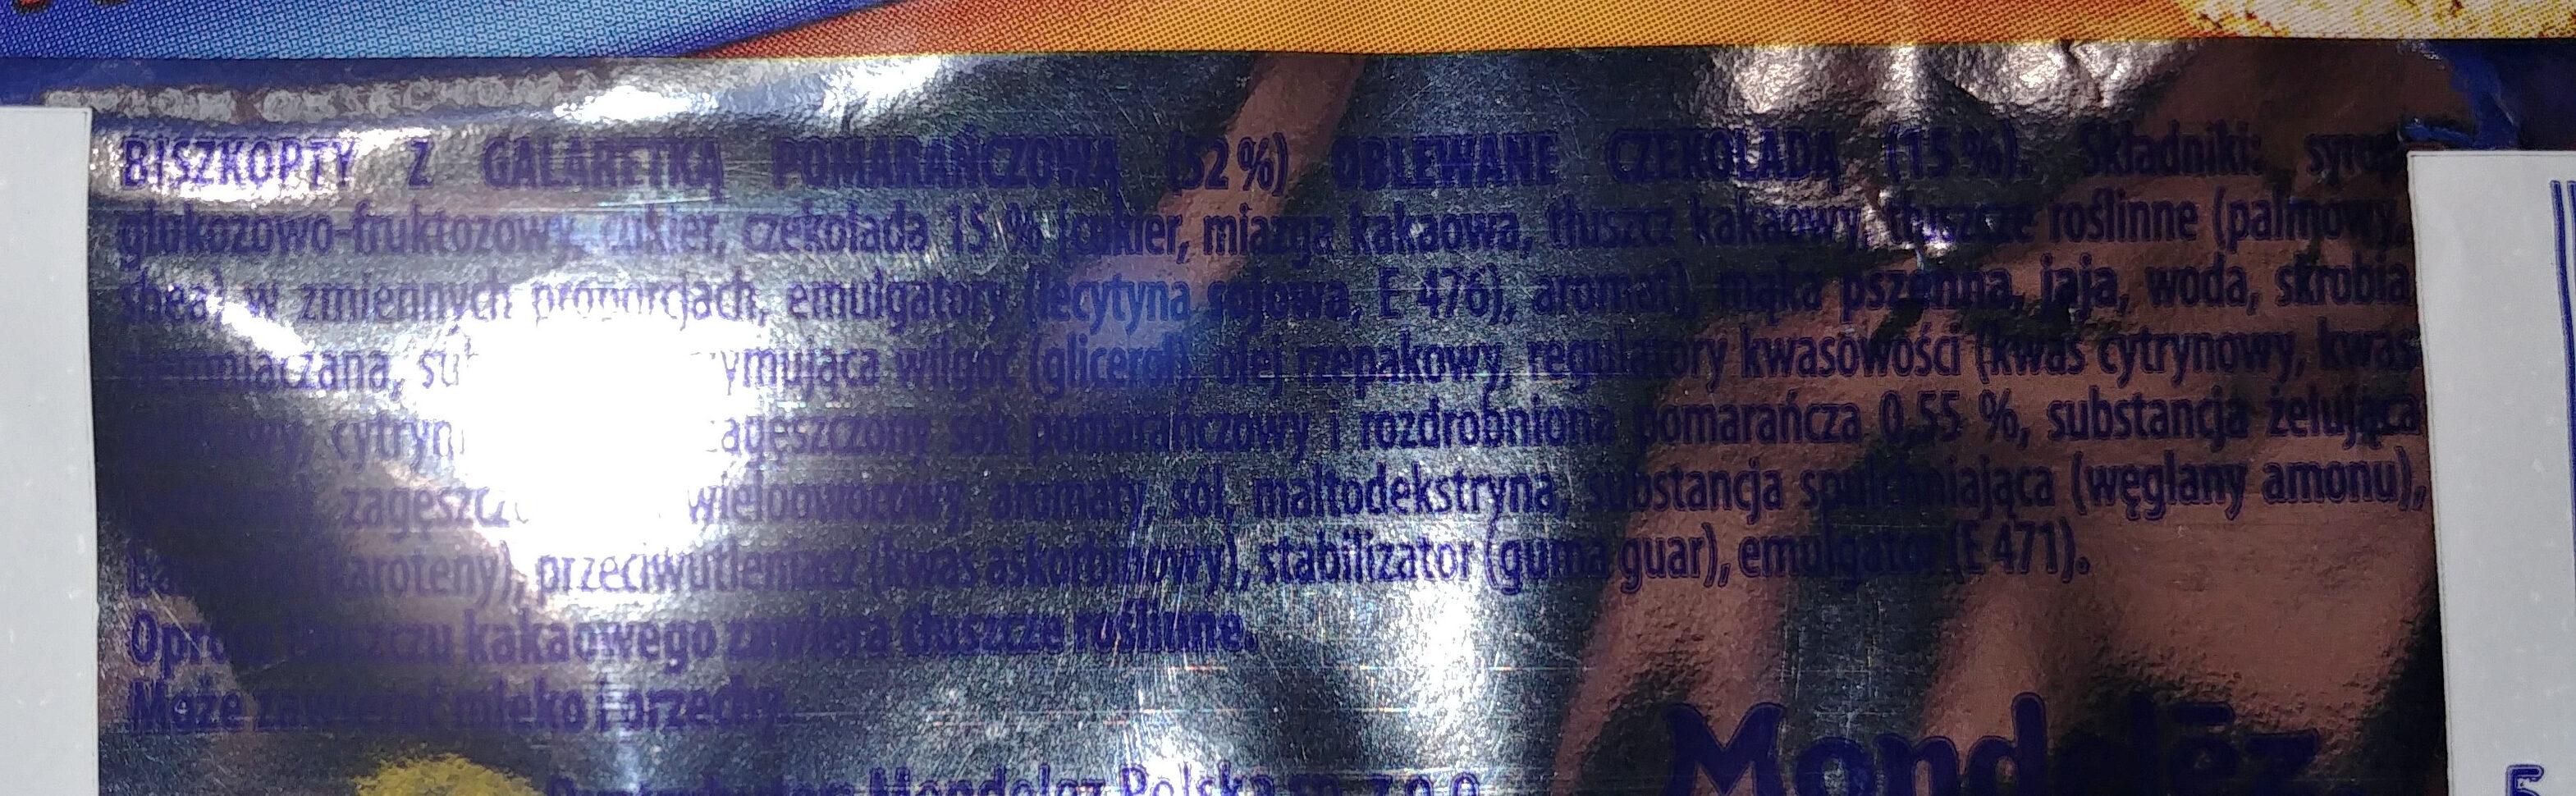 Delicje Szampańskie pomarańczowe - Ingredients - pl